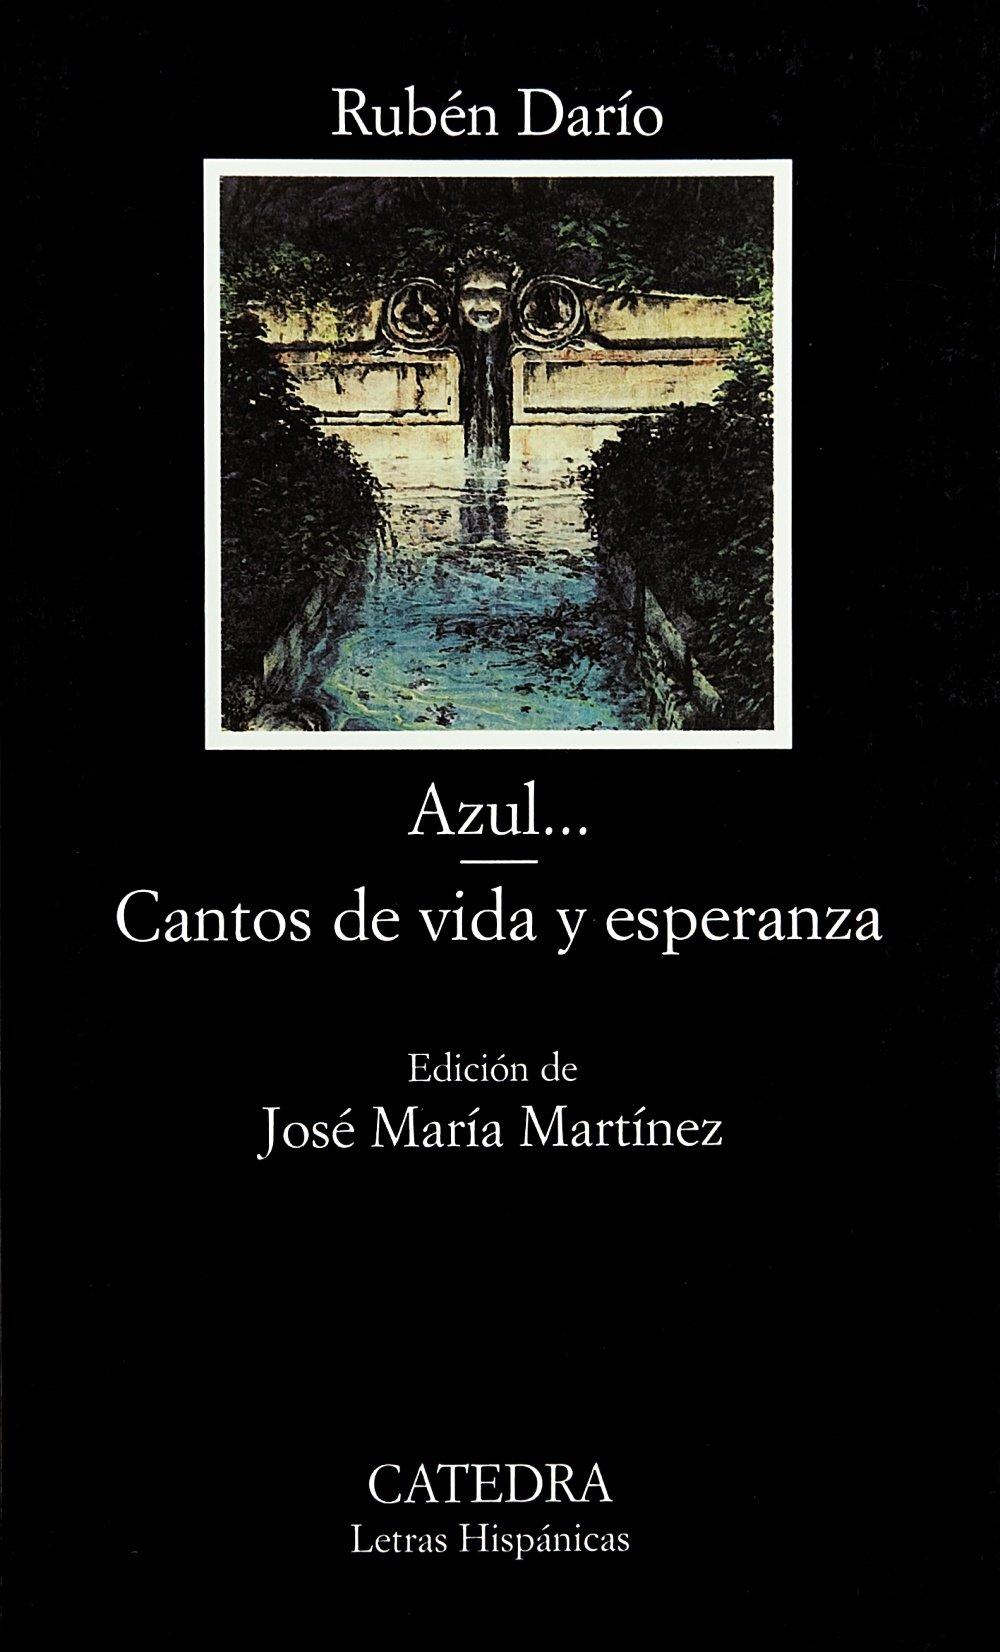 Azul - Cantos de vida y esperanza (Letras Hispánicas)